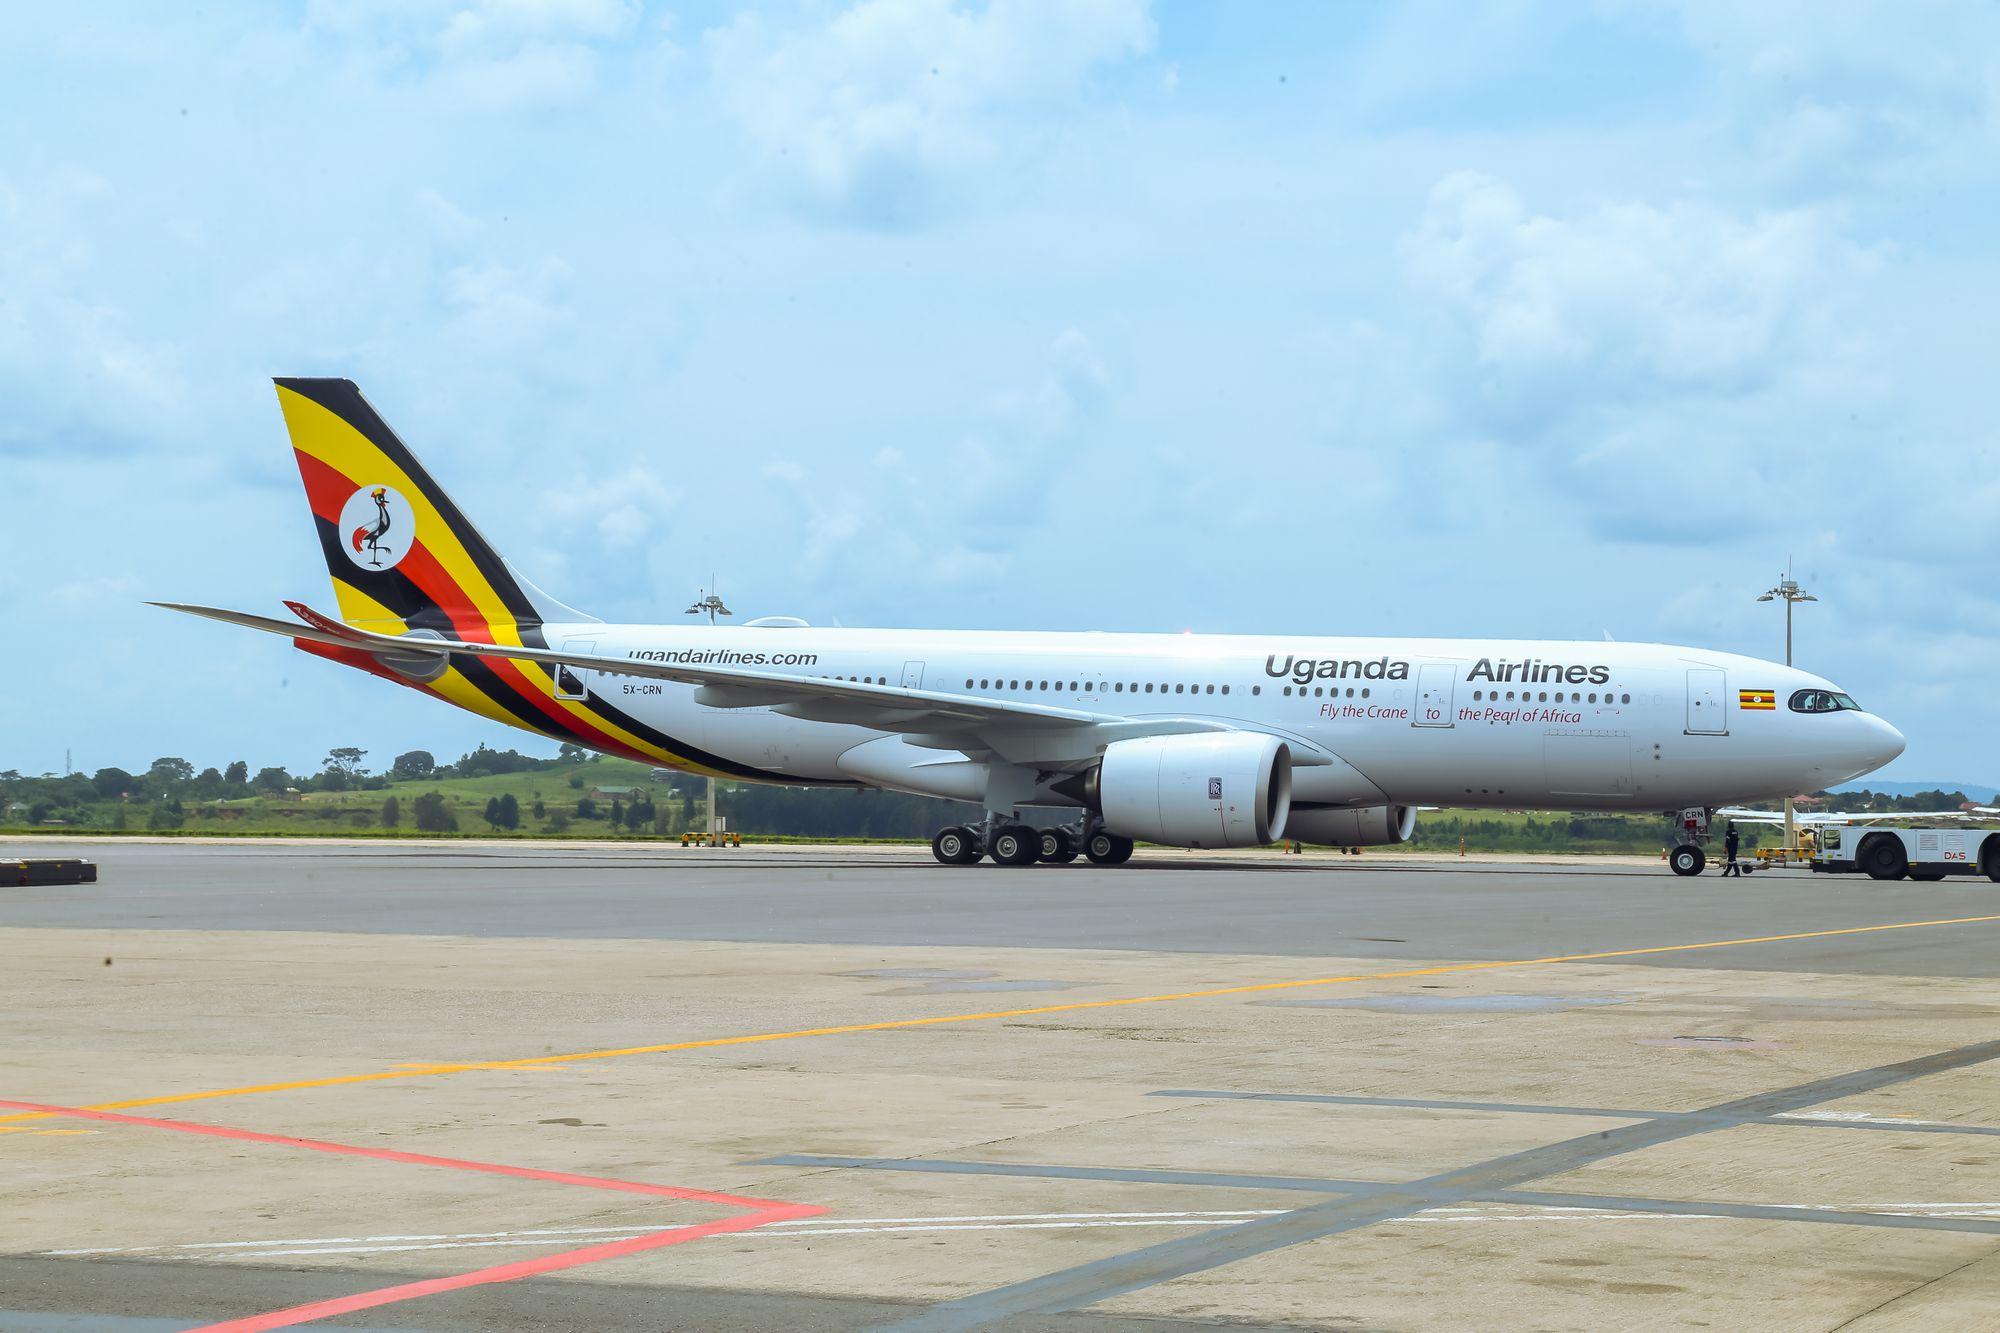 توافق رولز رویس و خطوط هوایی اوگاندا برای خدمات پشتیبانی جامع